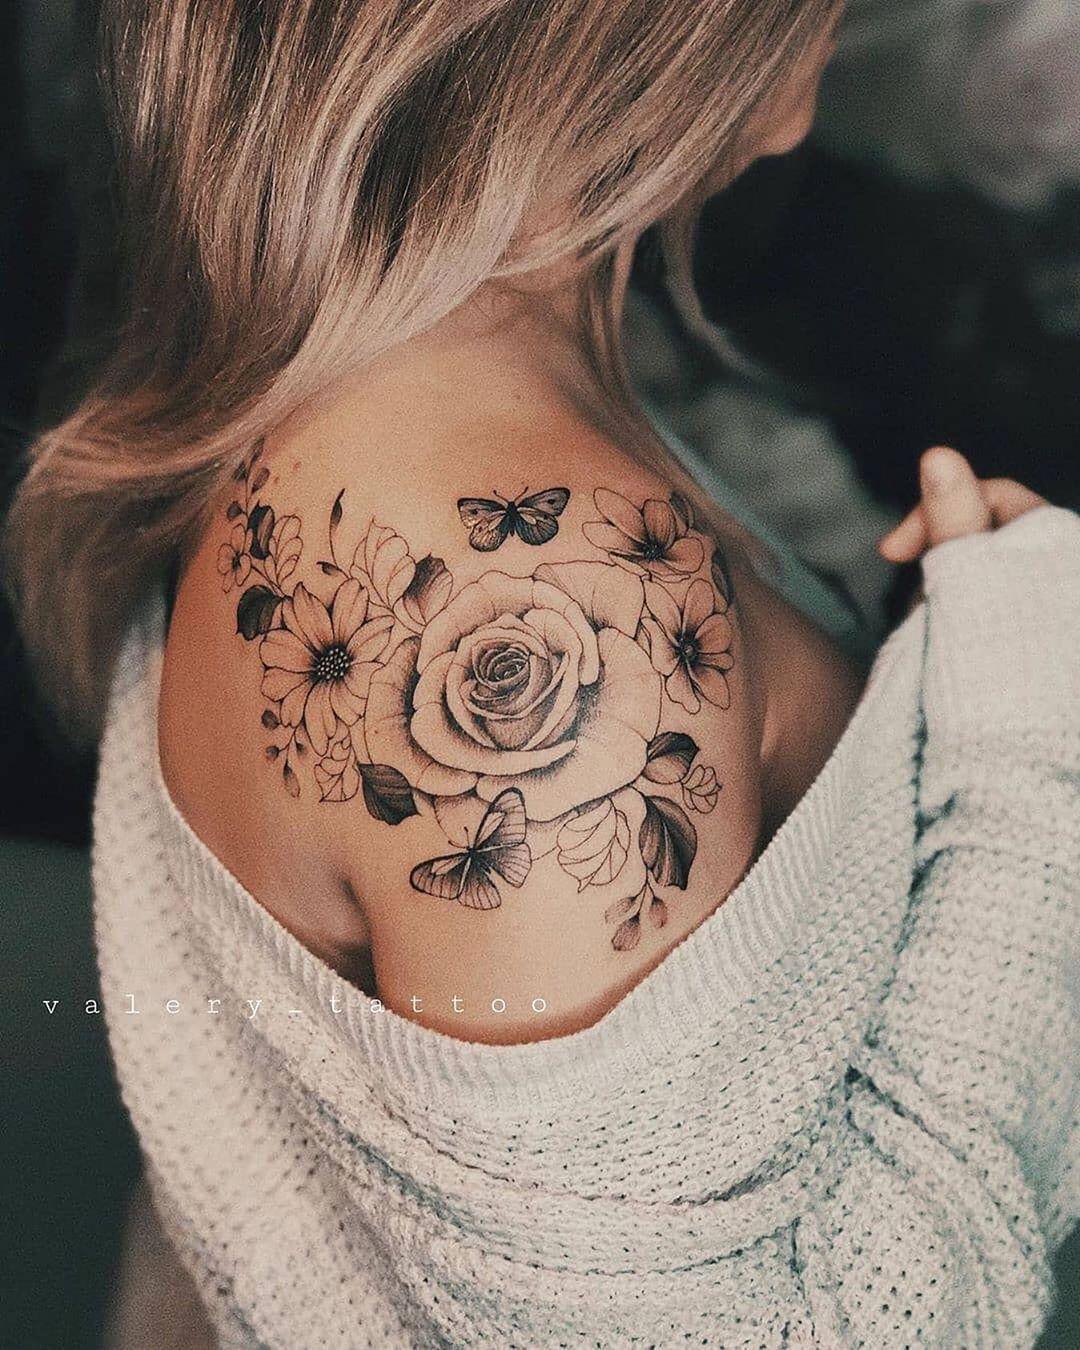 Frau tattoo blumenranke oberarm Suchergebnisse für